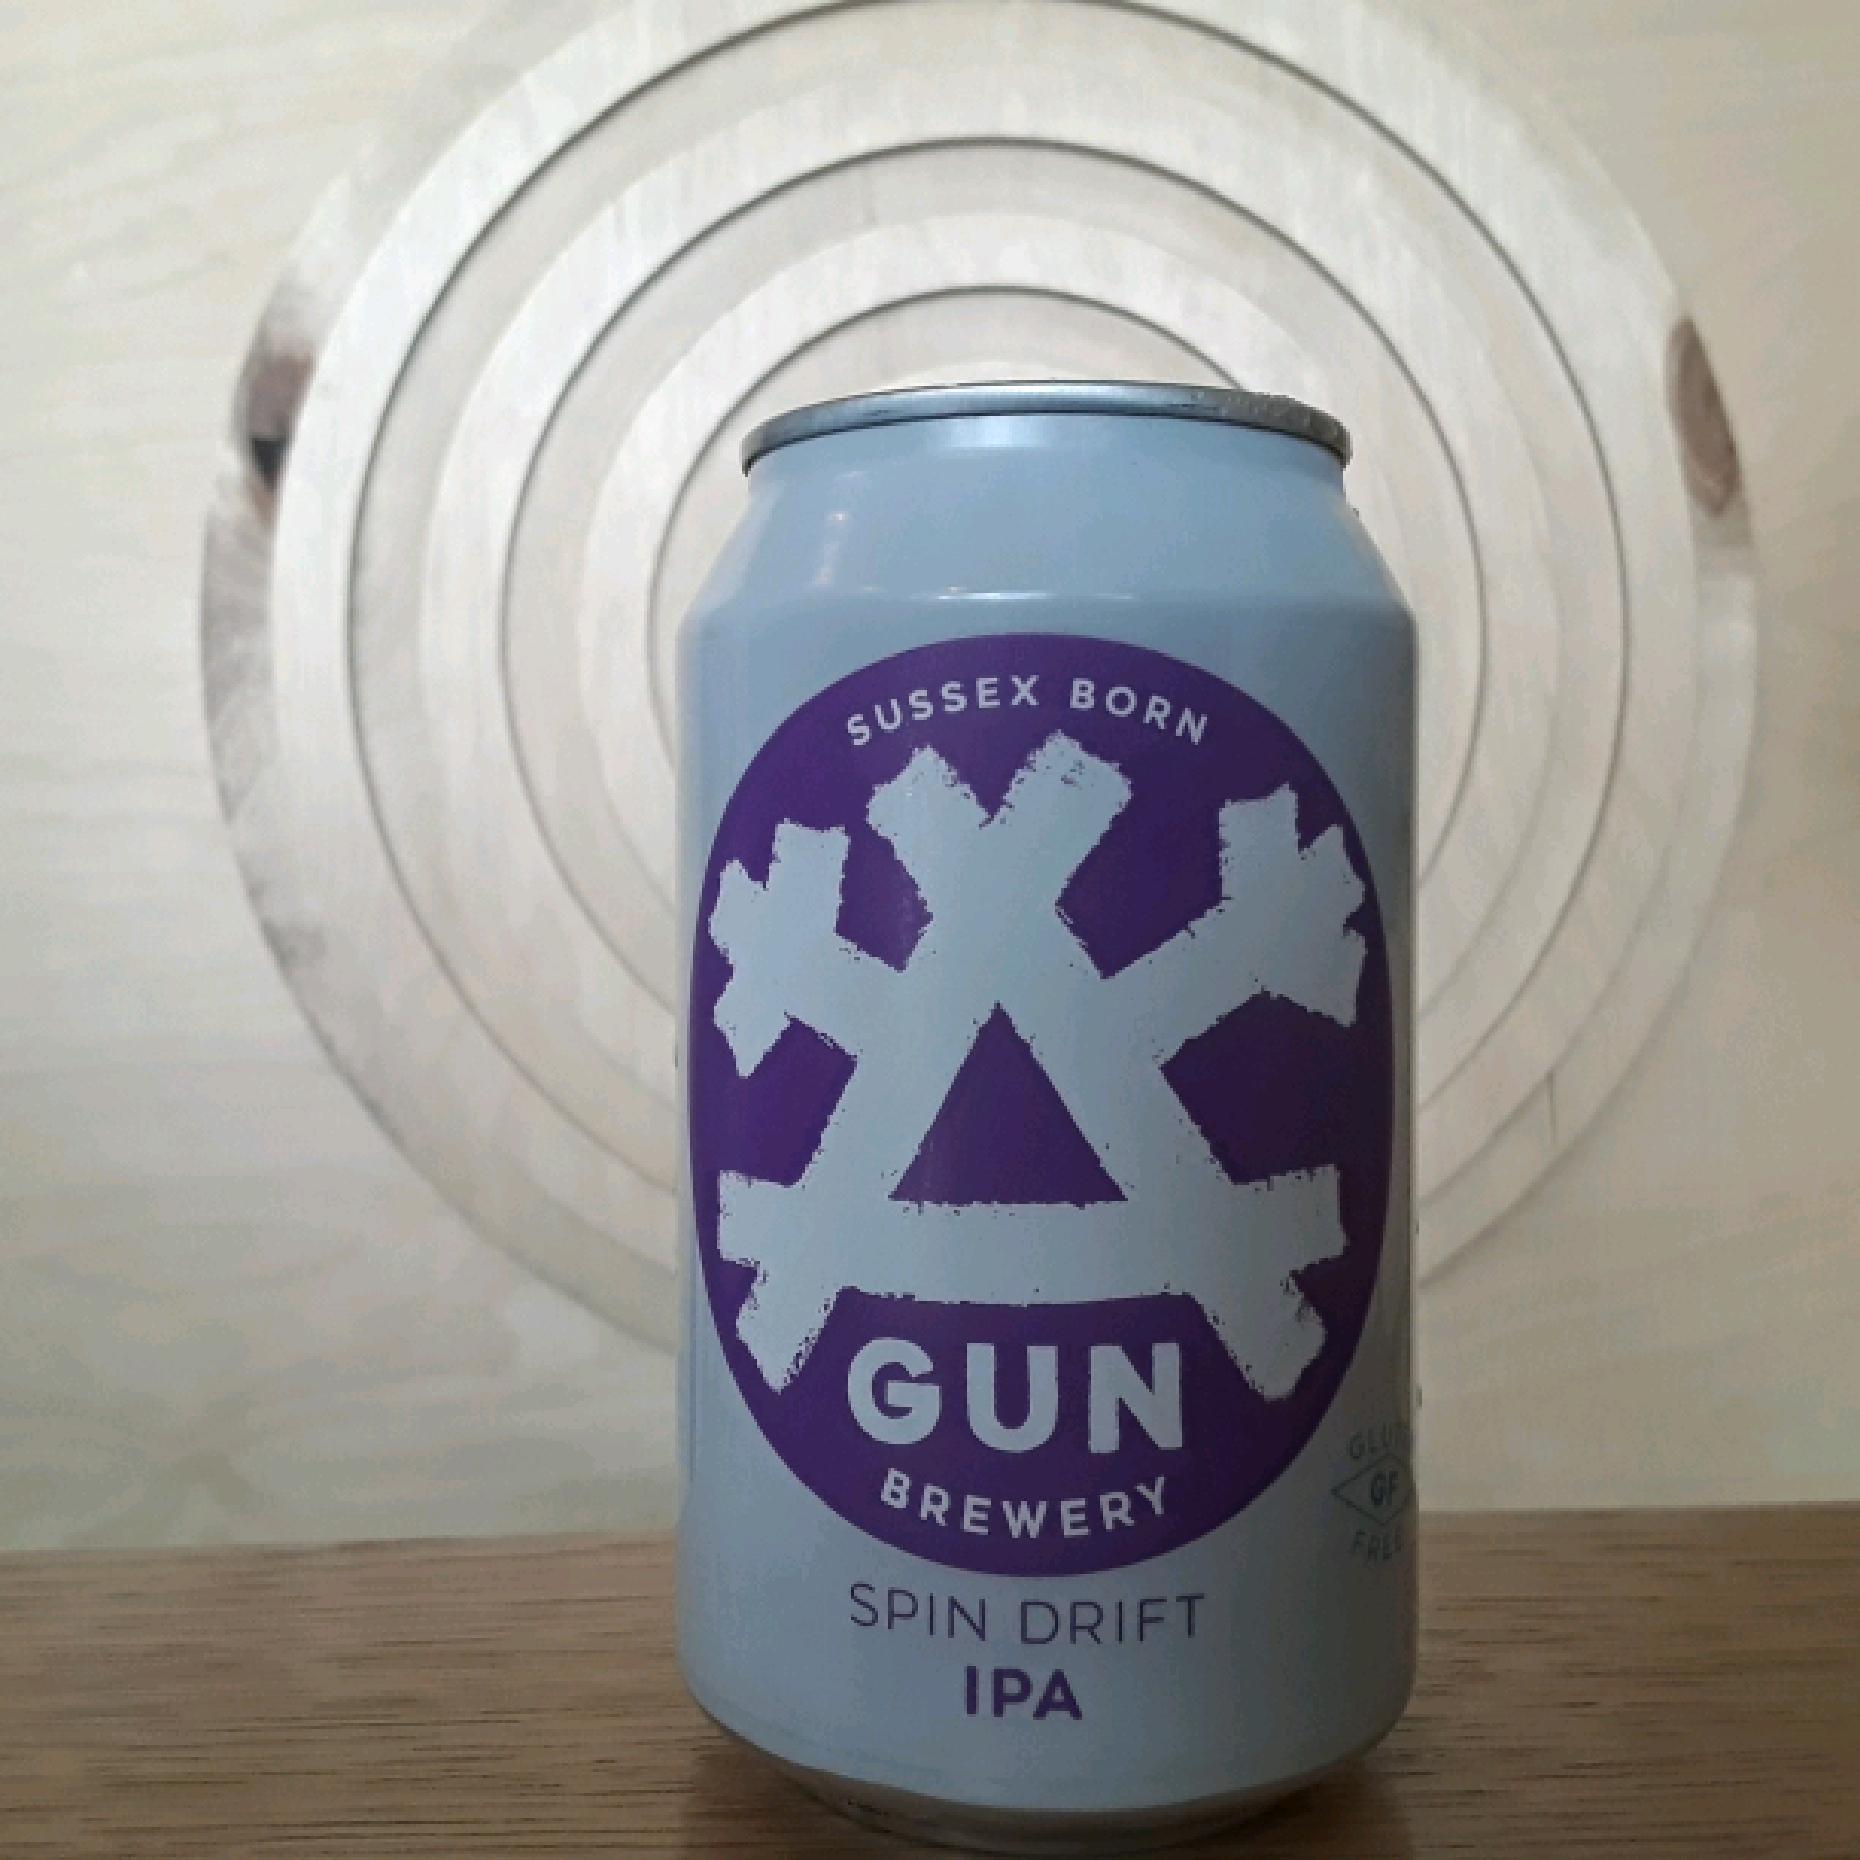 Gun Brewery | Spin Drift | IPA